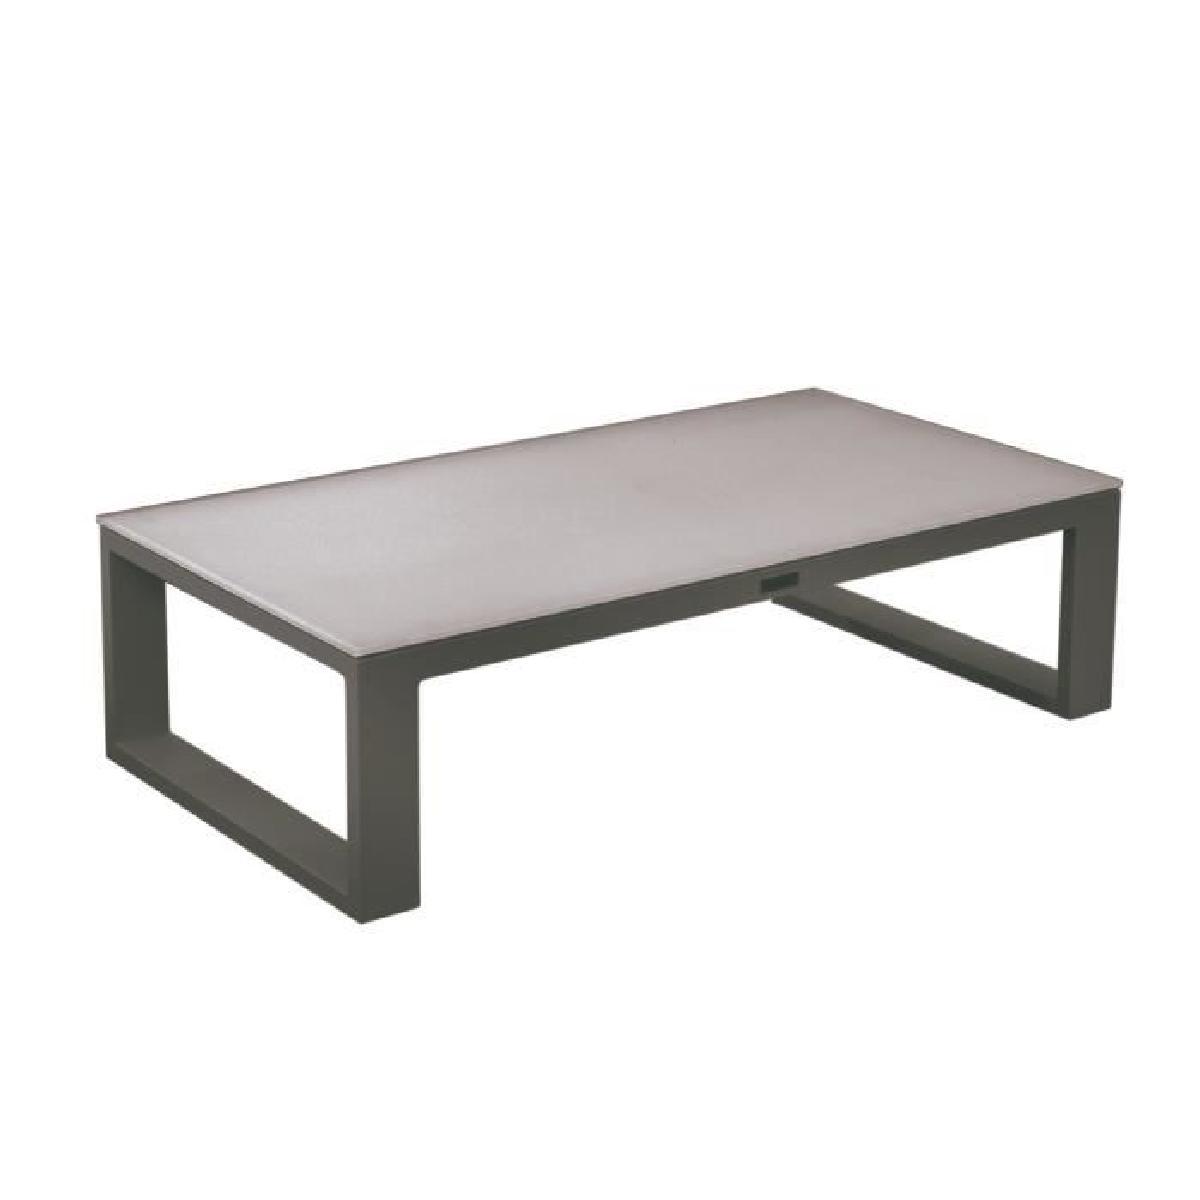 Table basse design jardin - Atwebster.fr - Maison et mobilier